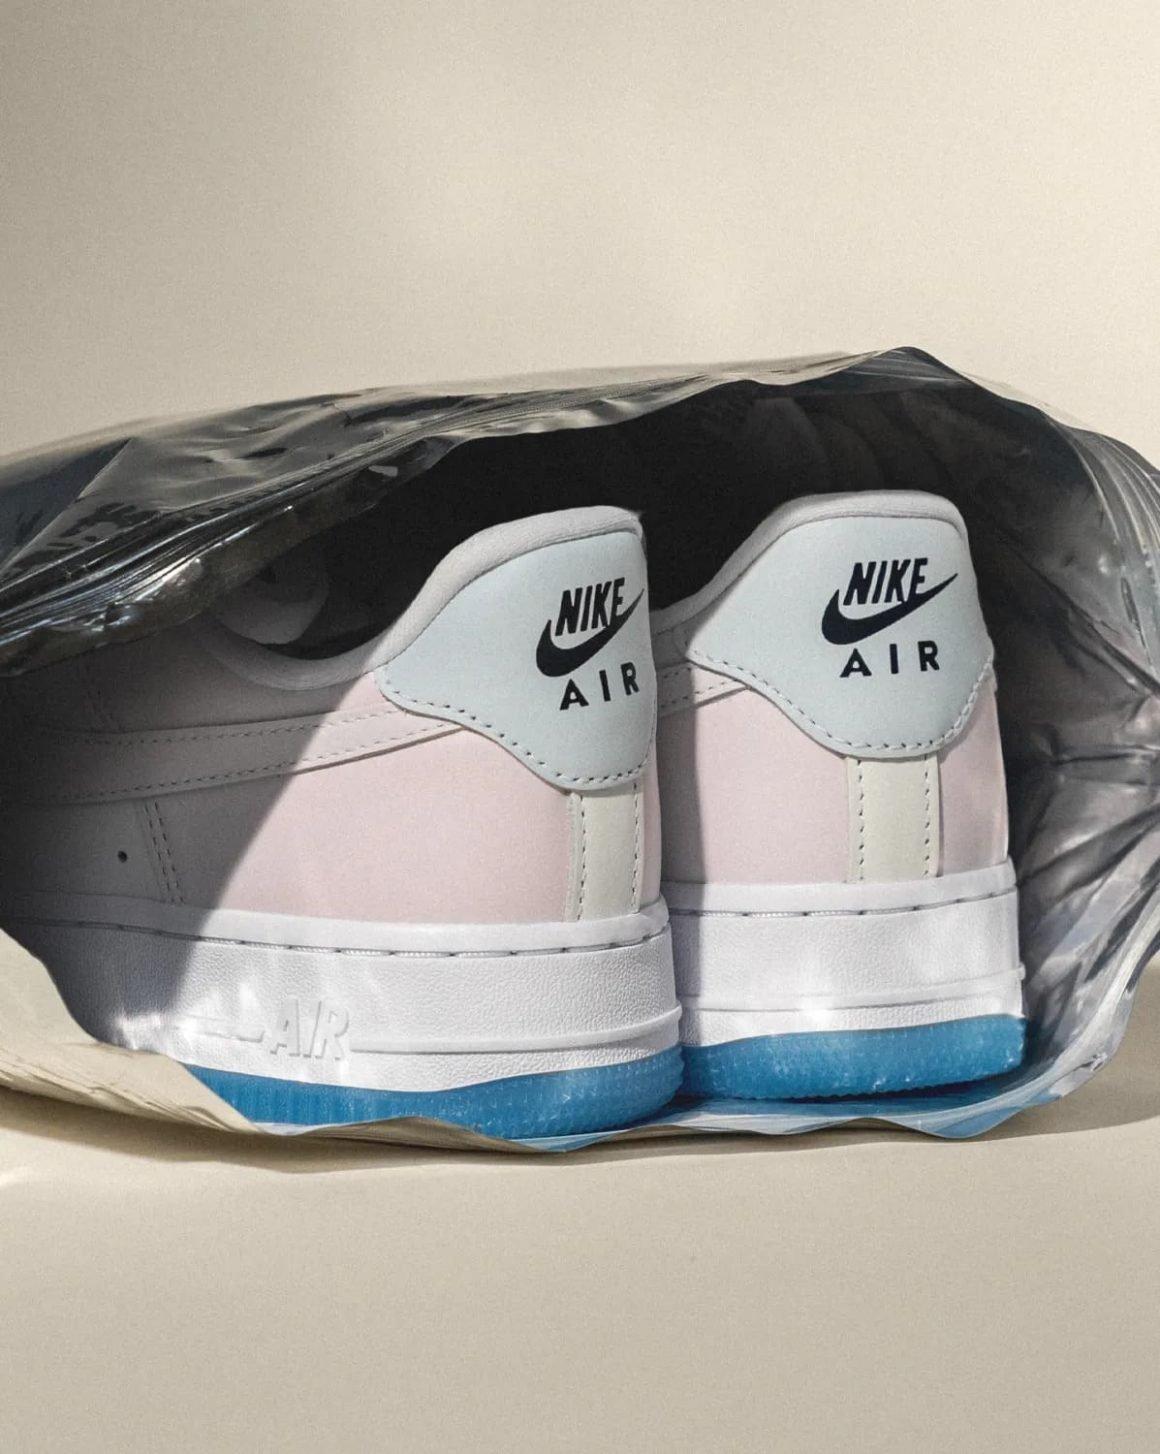 Nike Wmns Air Force 1 Low UV-Pack Heel